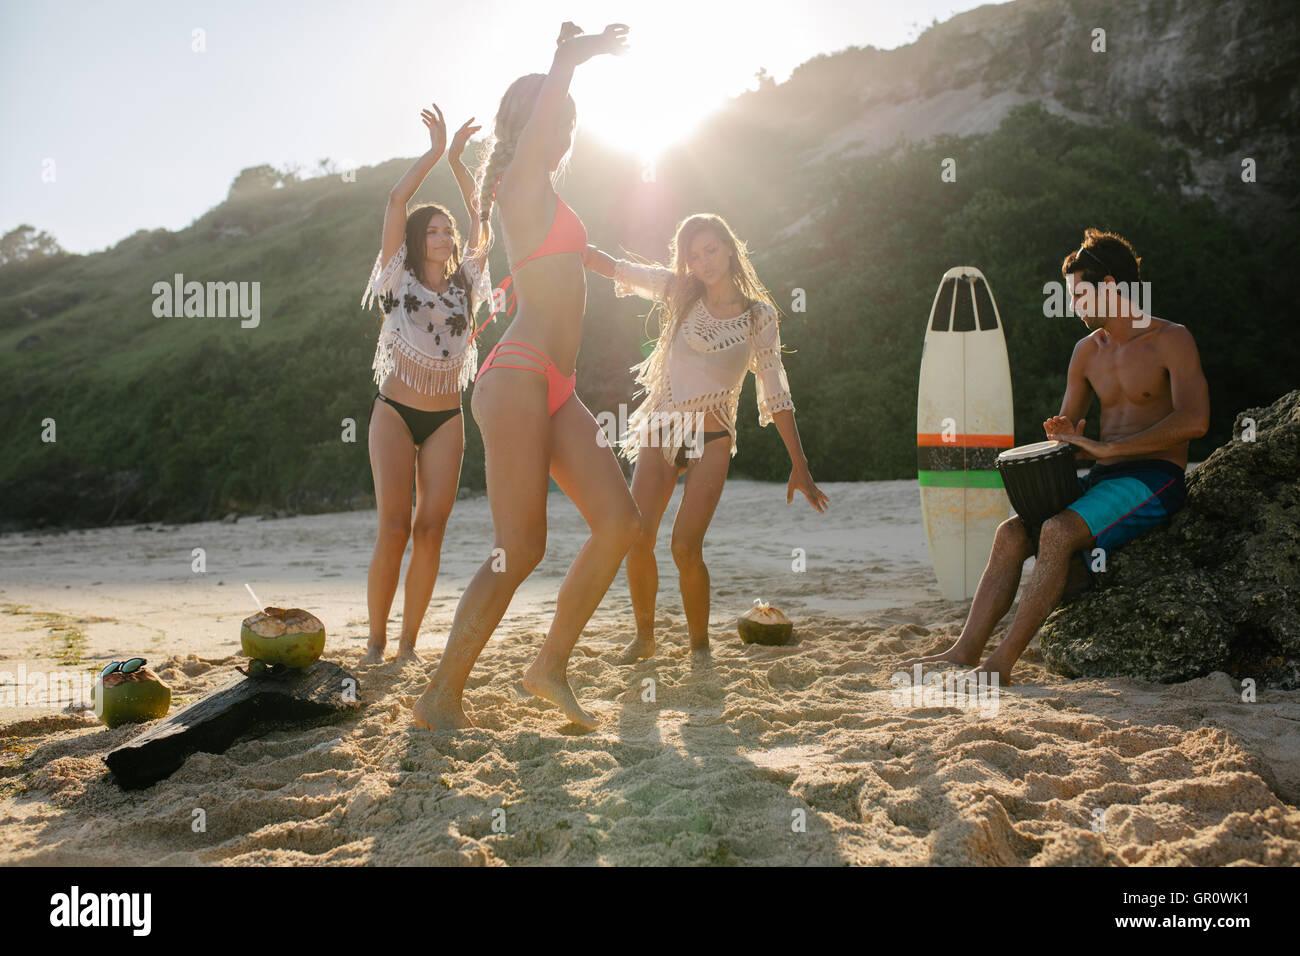 Grupo de jóvenes amigos de fiesta en la playa y el baile. Los jóvenes se diviertan en las fiestas en la Imagen De Stock